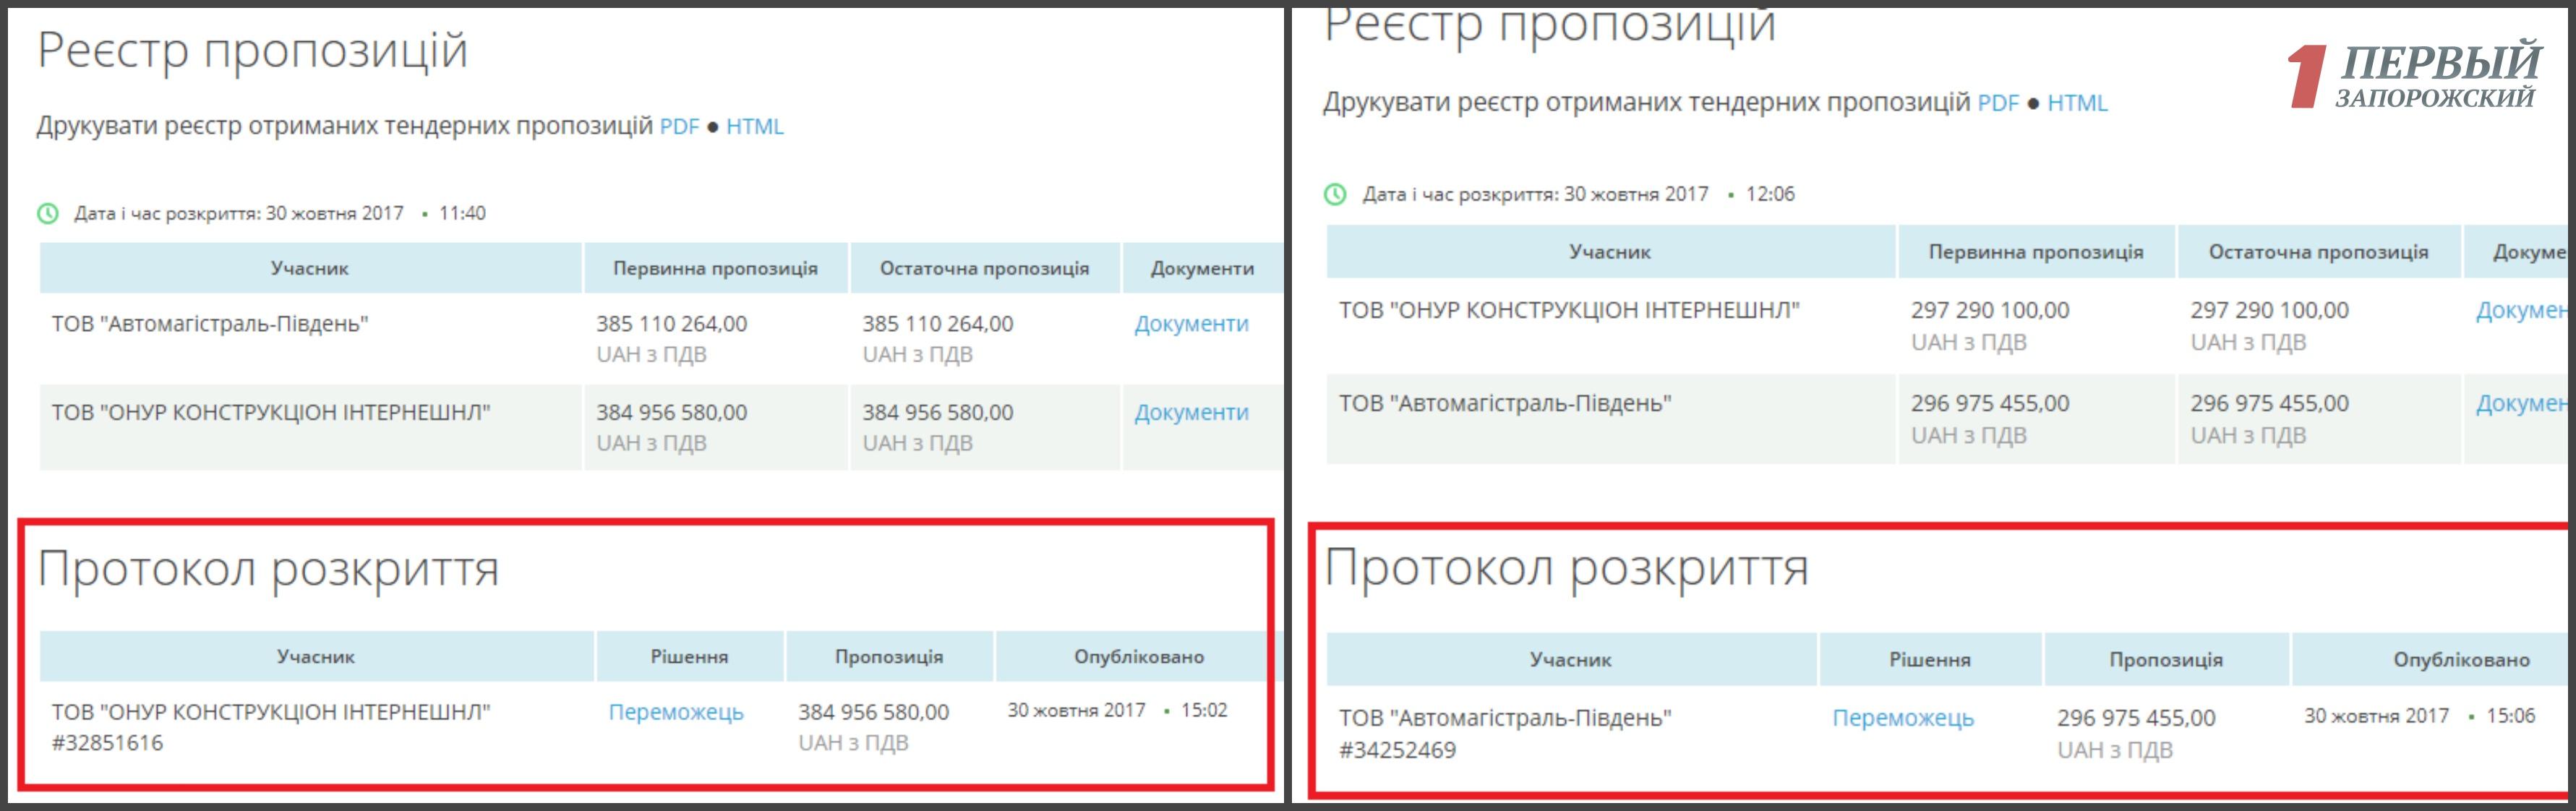 5a081b7b76be2_novyy-kollazh